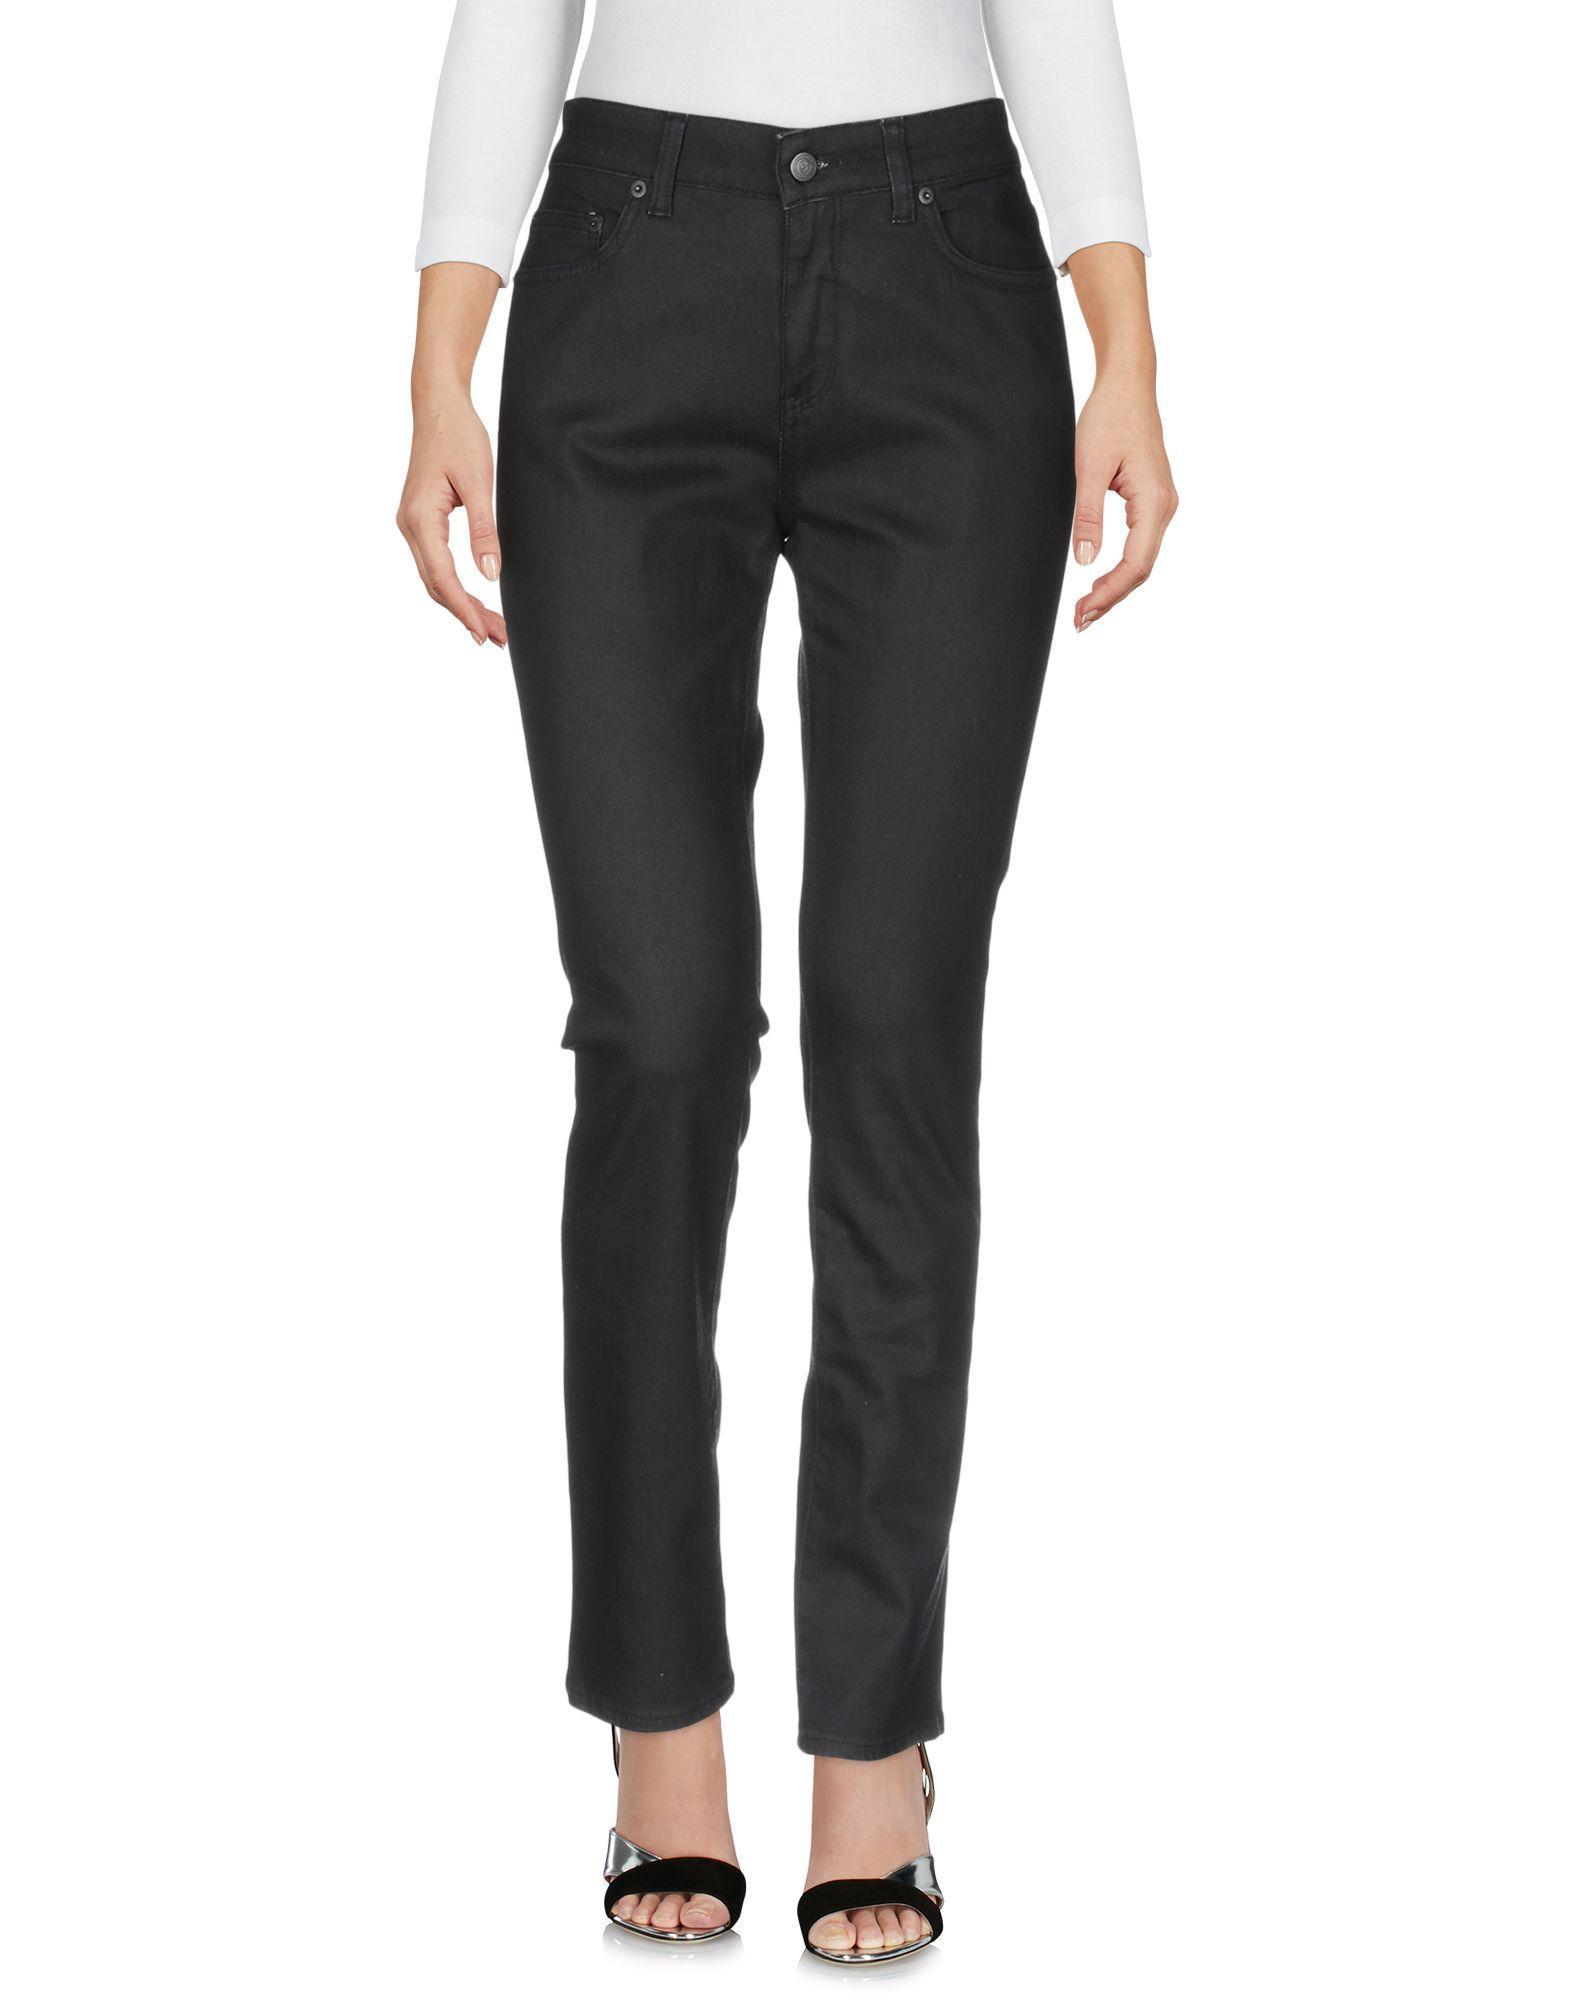 Pantalones vaqueros Department 5 de Denim de color Negro